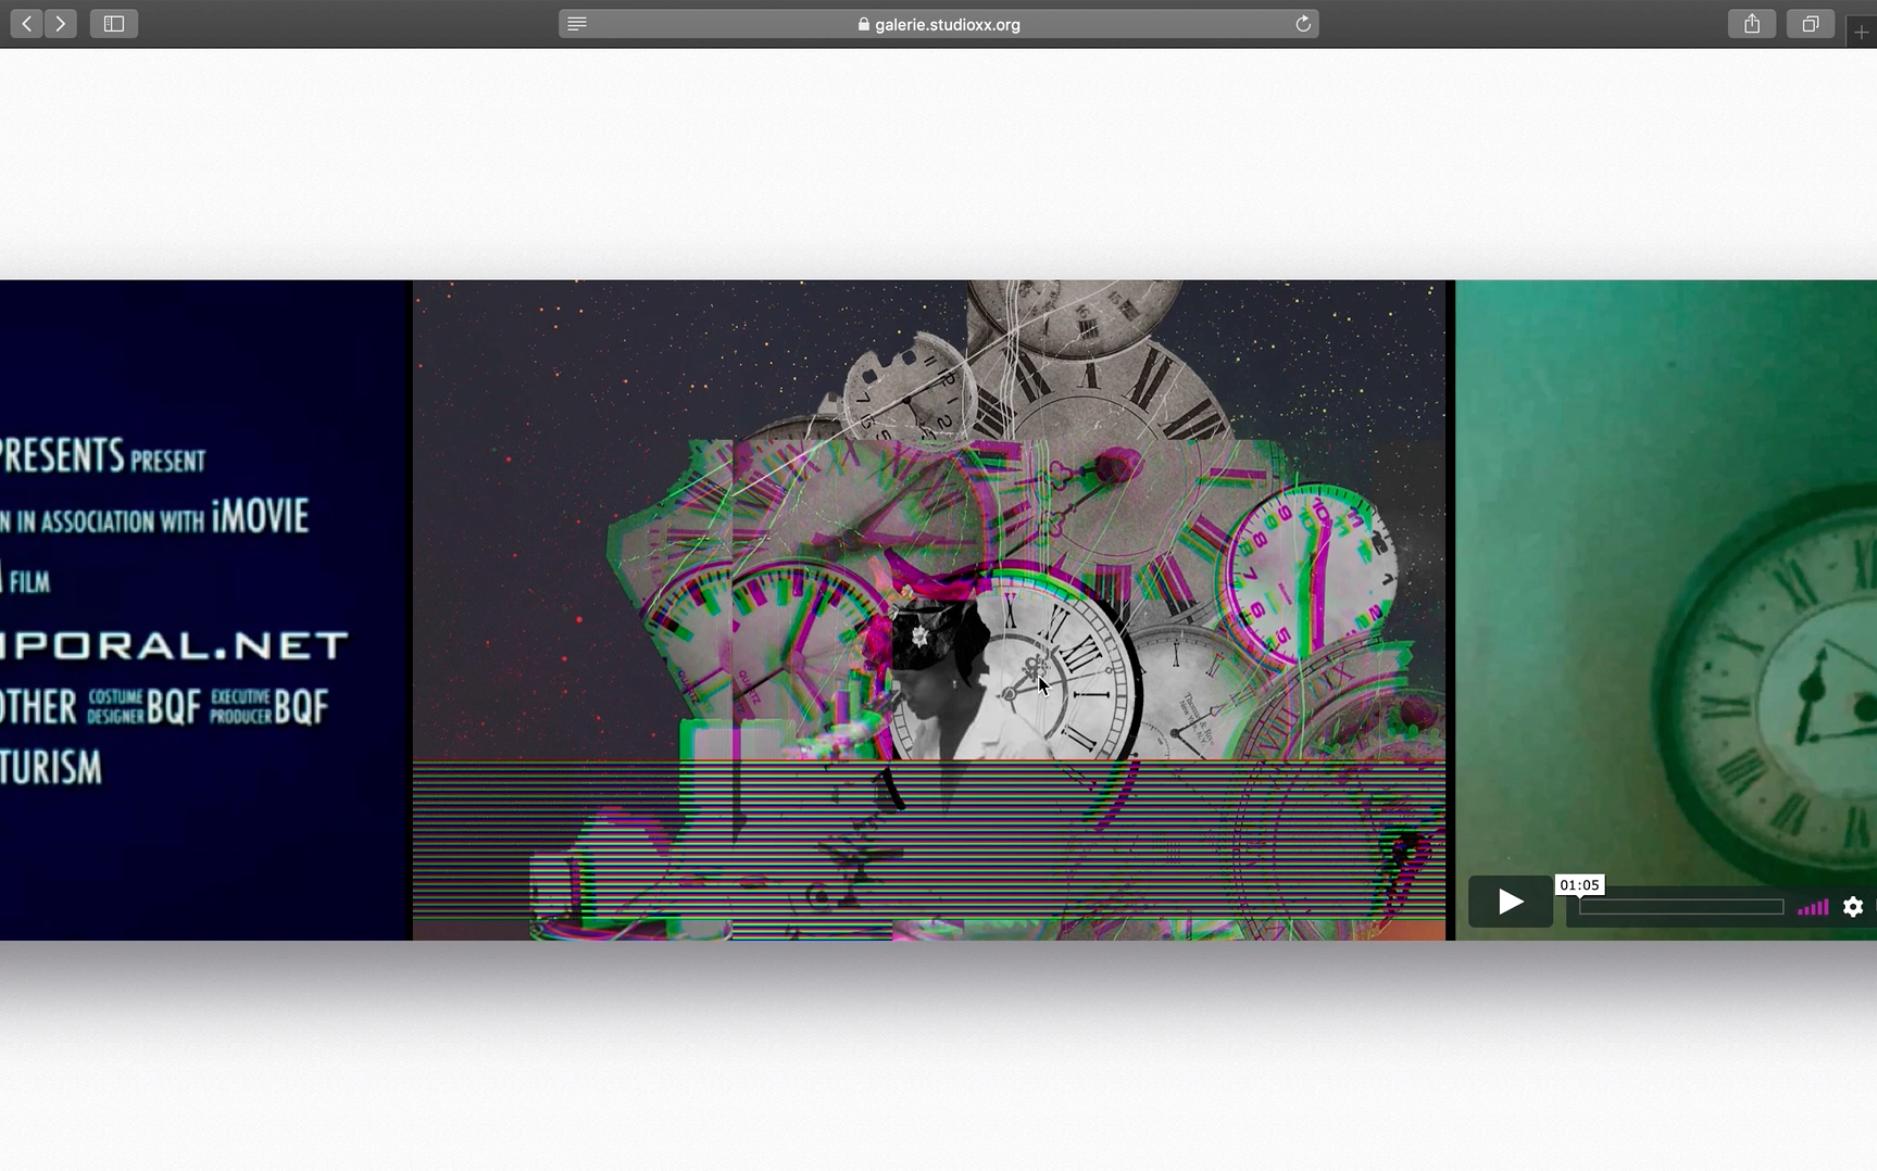 Capture d'écran de l'exposition en ligne Quelques ellipses.